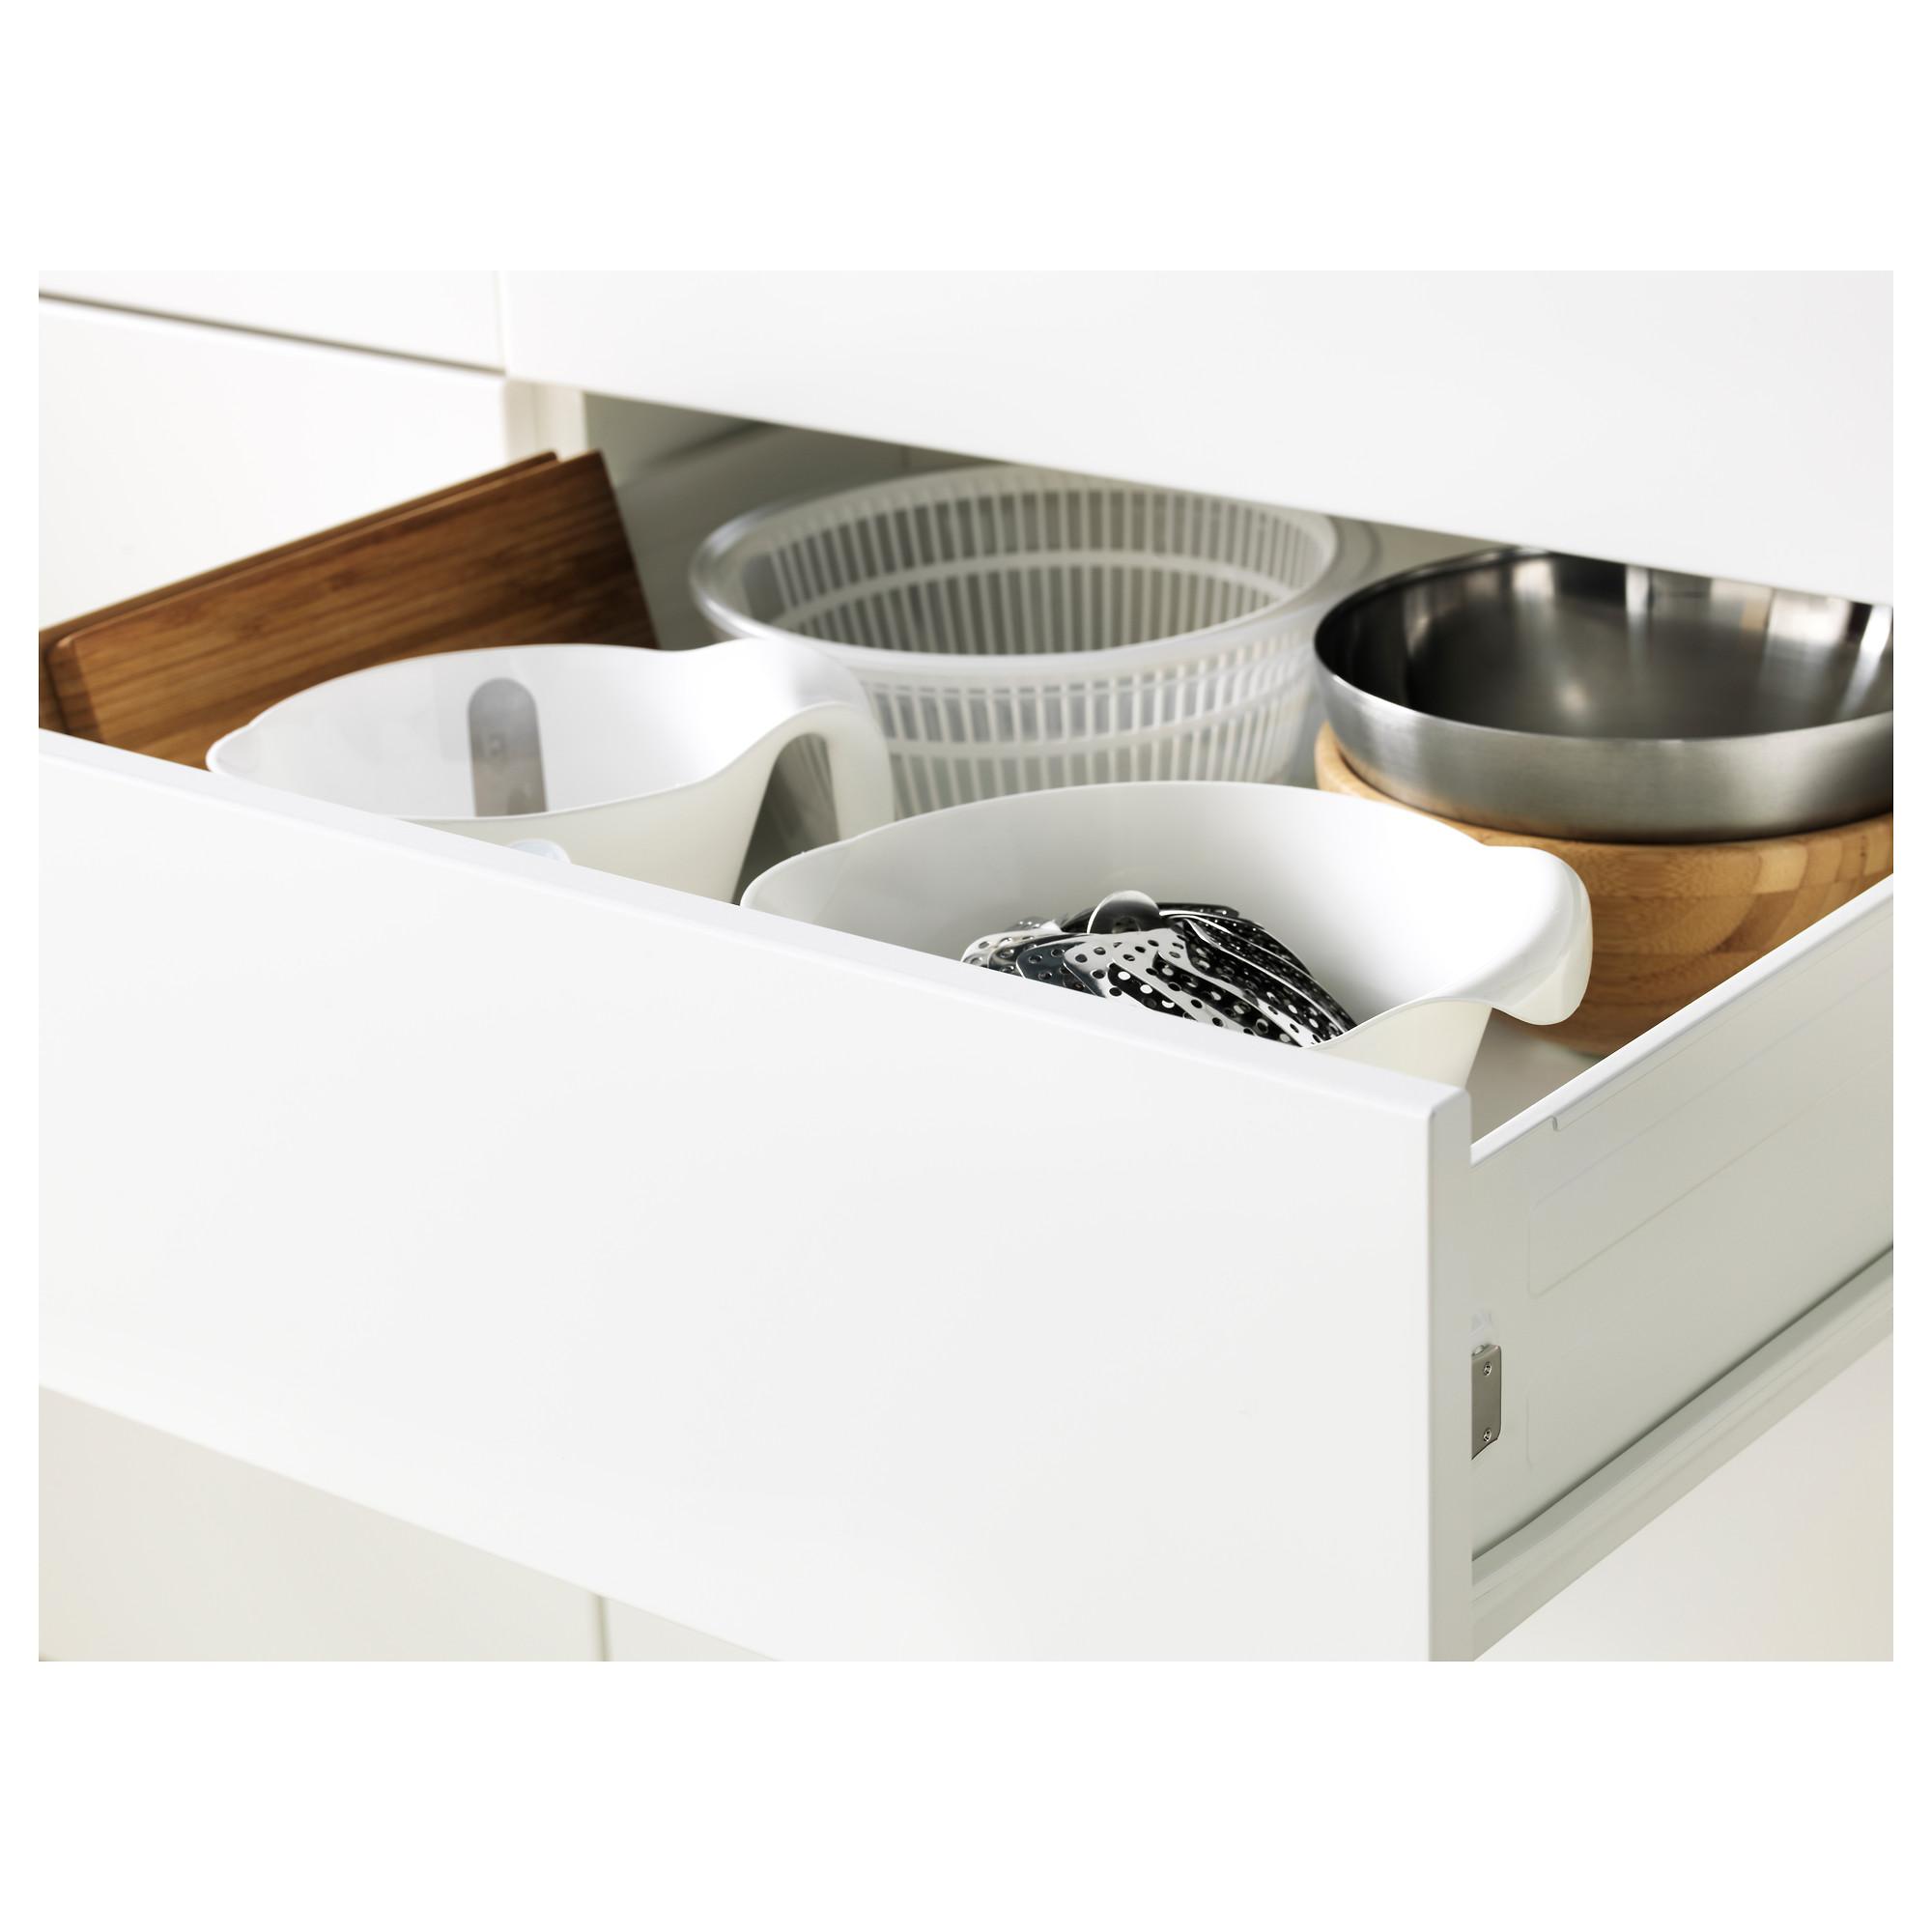 Высокий шкаф для духовки комбинированный, духовка + дверца, 3 ящика МЕТОД / ФОРВАРА черный артикуль № 192.674.43 в наличии. Онлайн каталог IKEA РБ. Недорогая доставка и соборка.